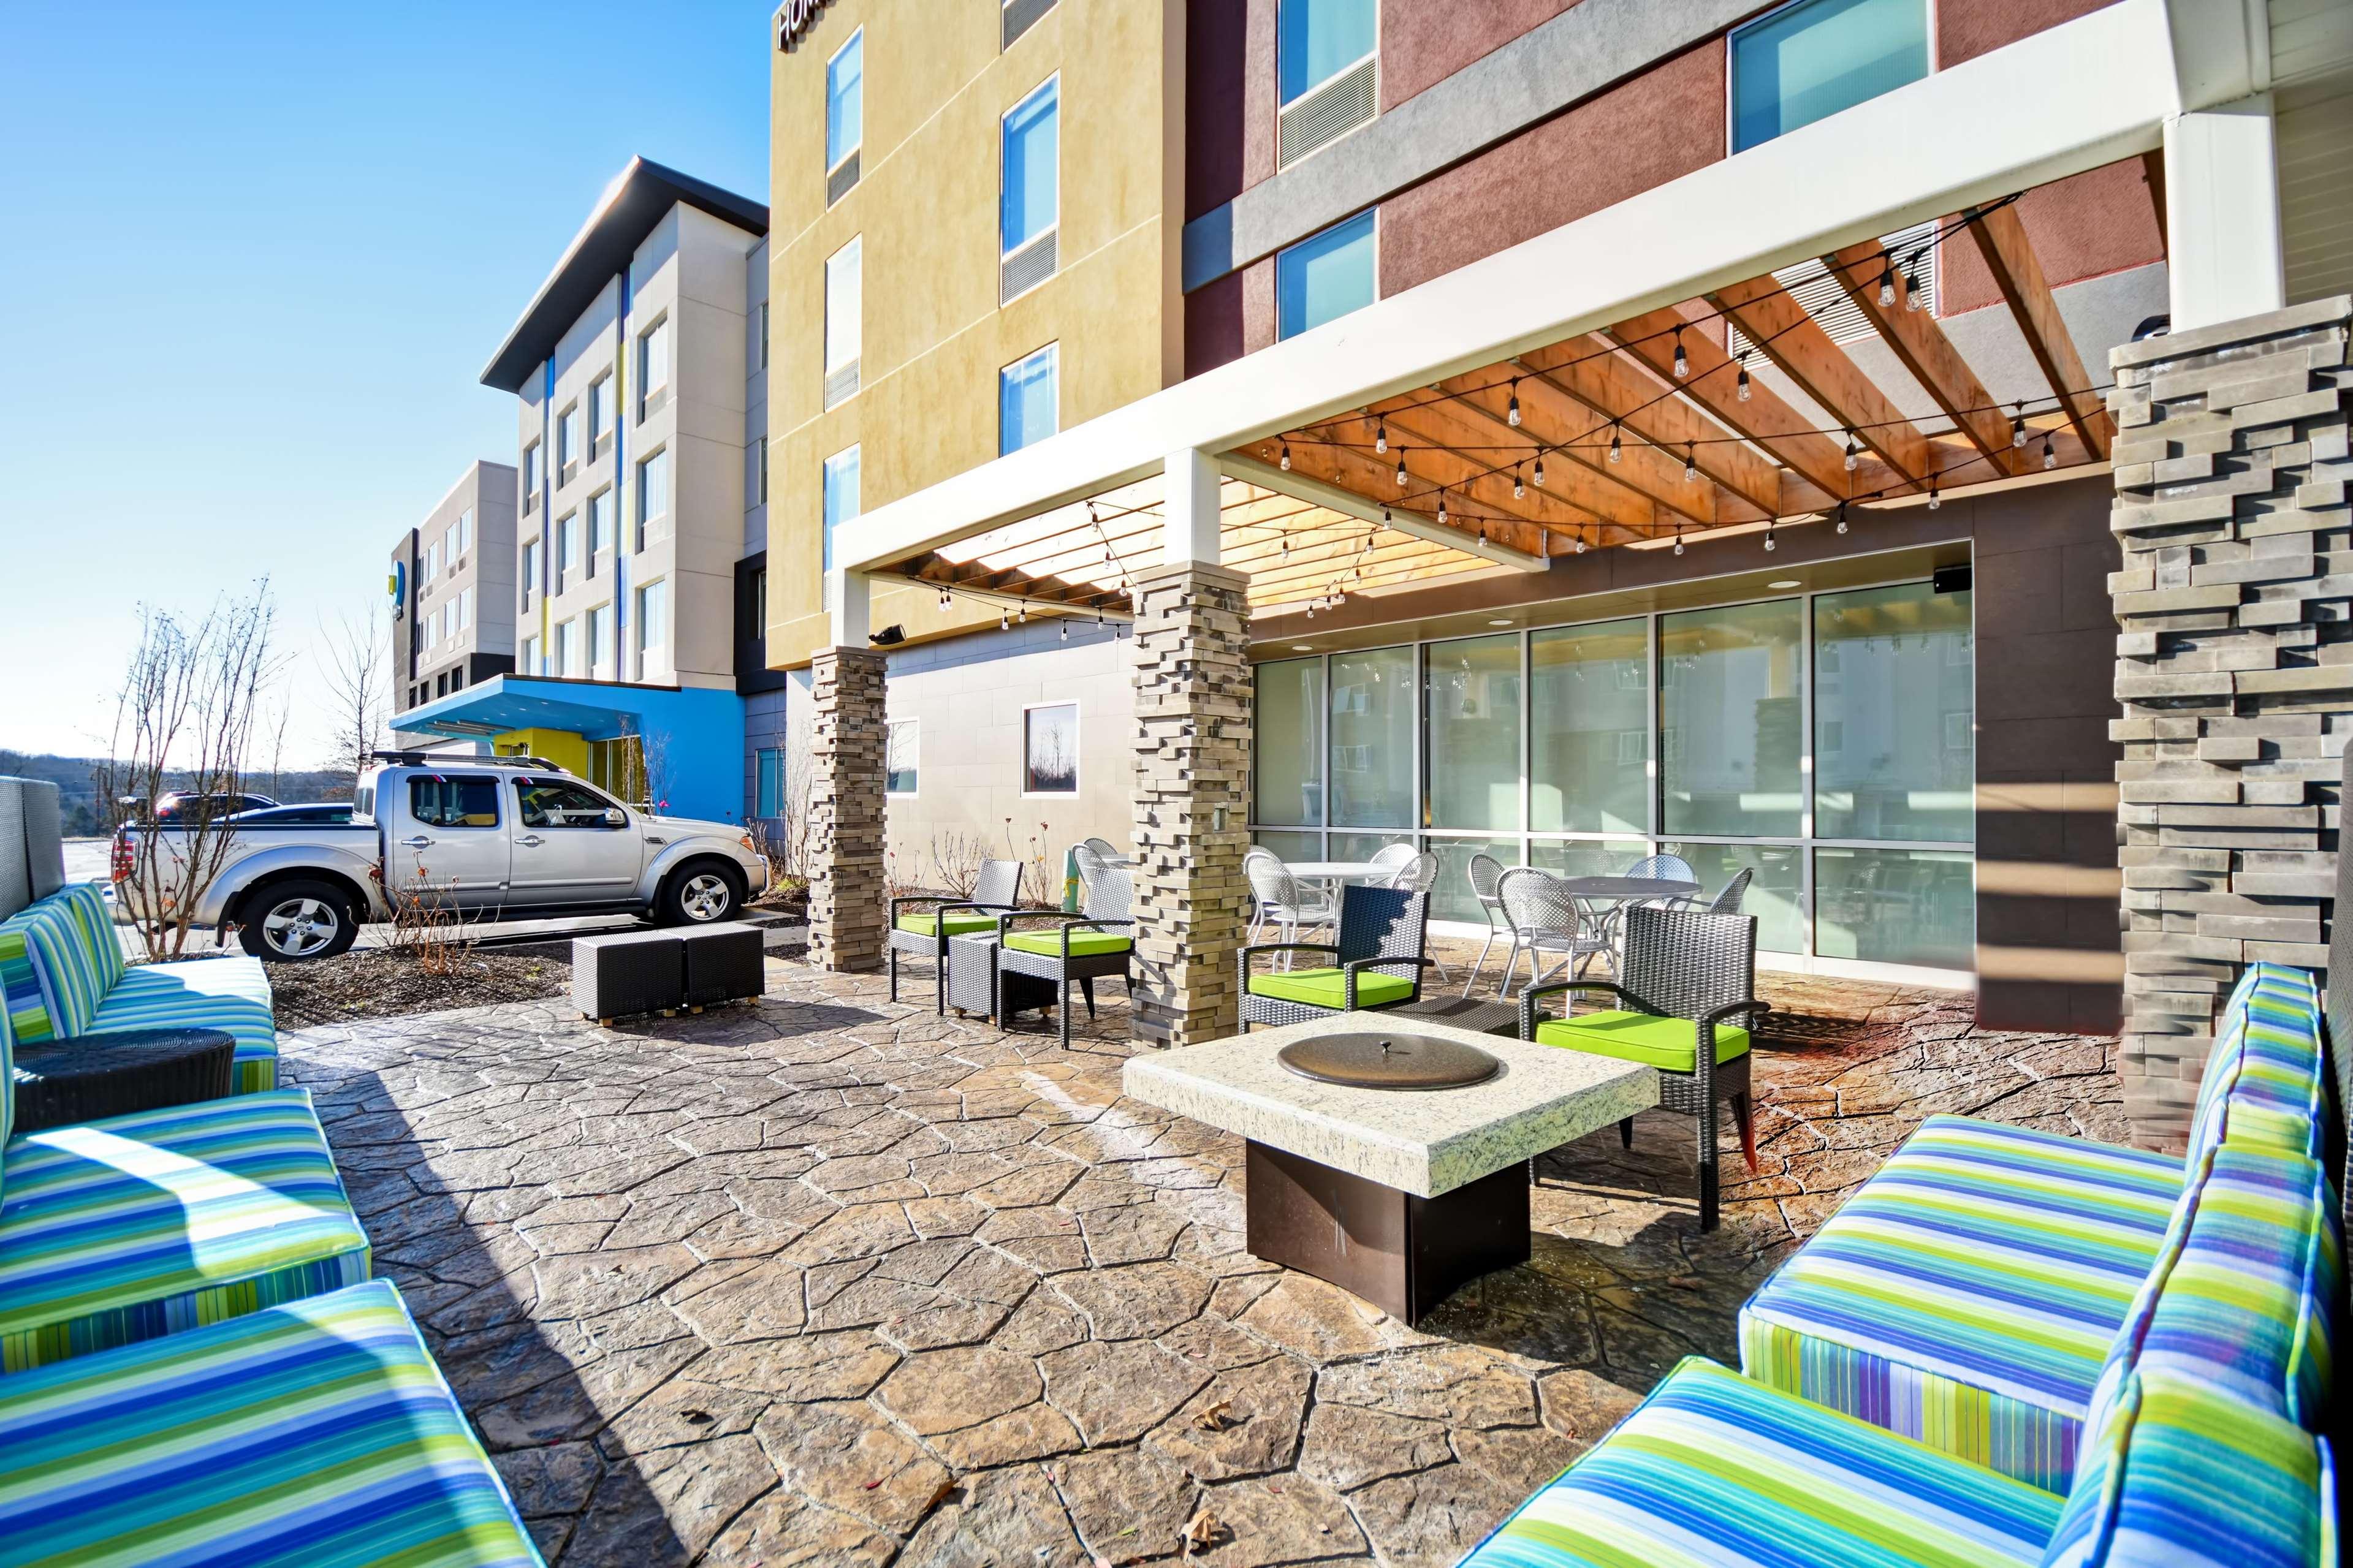 Home2 Suites by Hilton Smyrna Nashville image 2